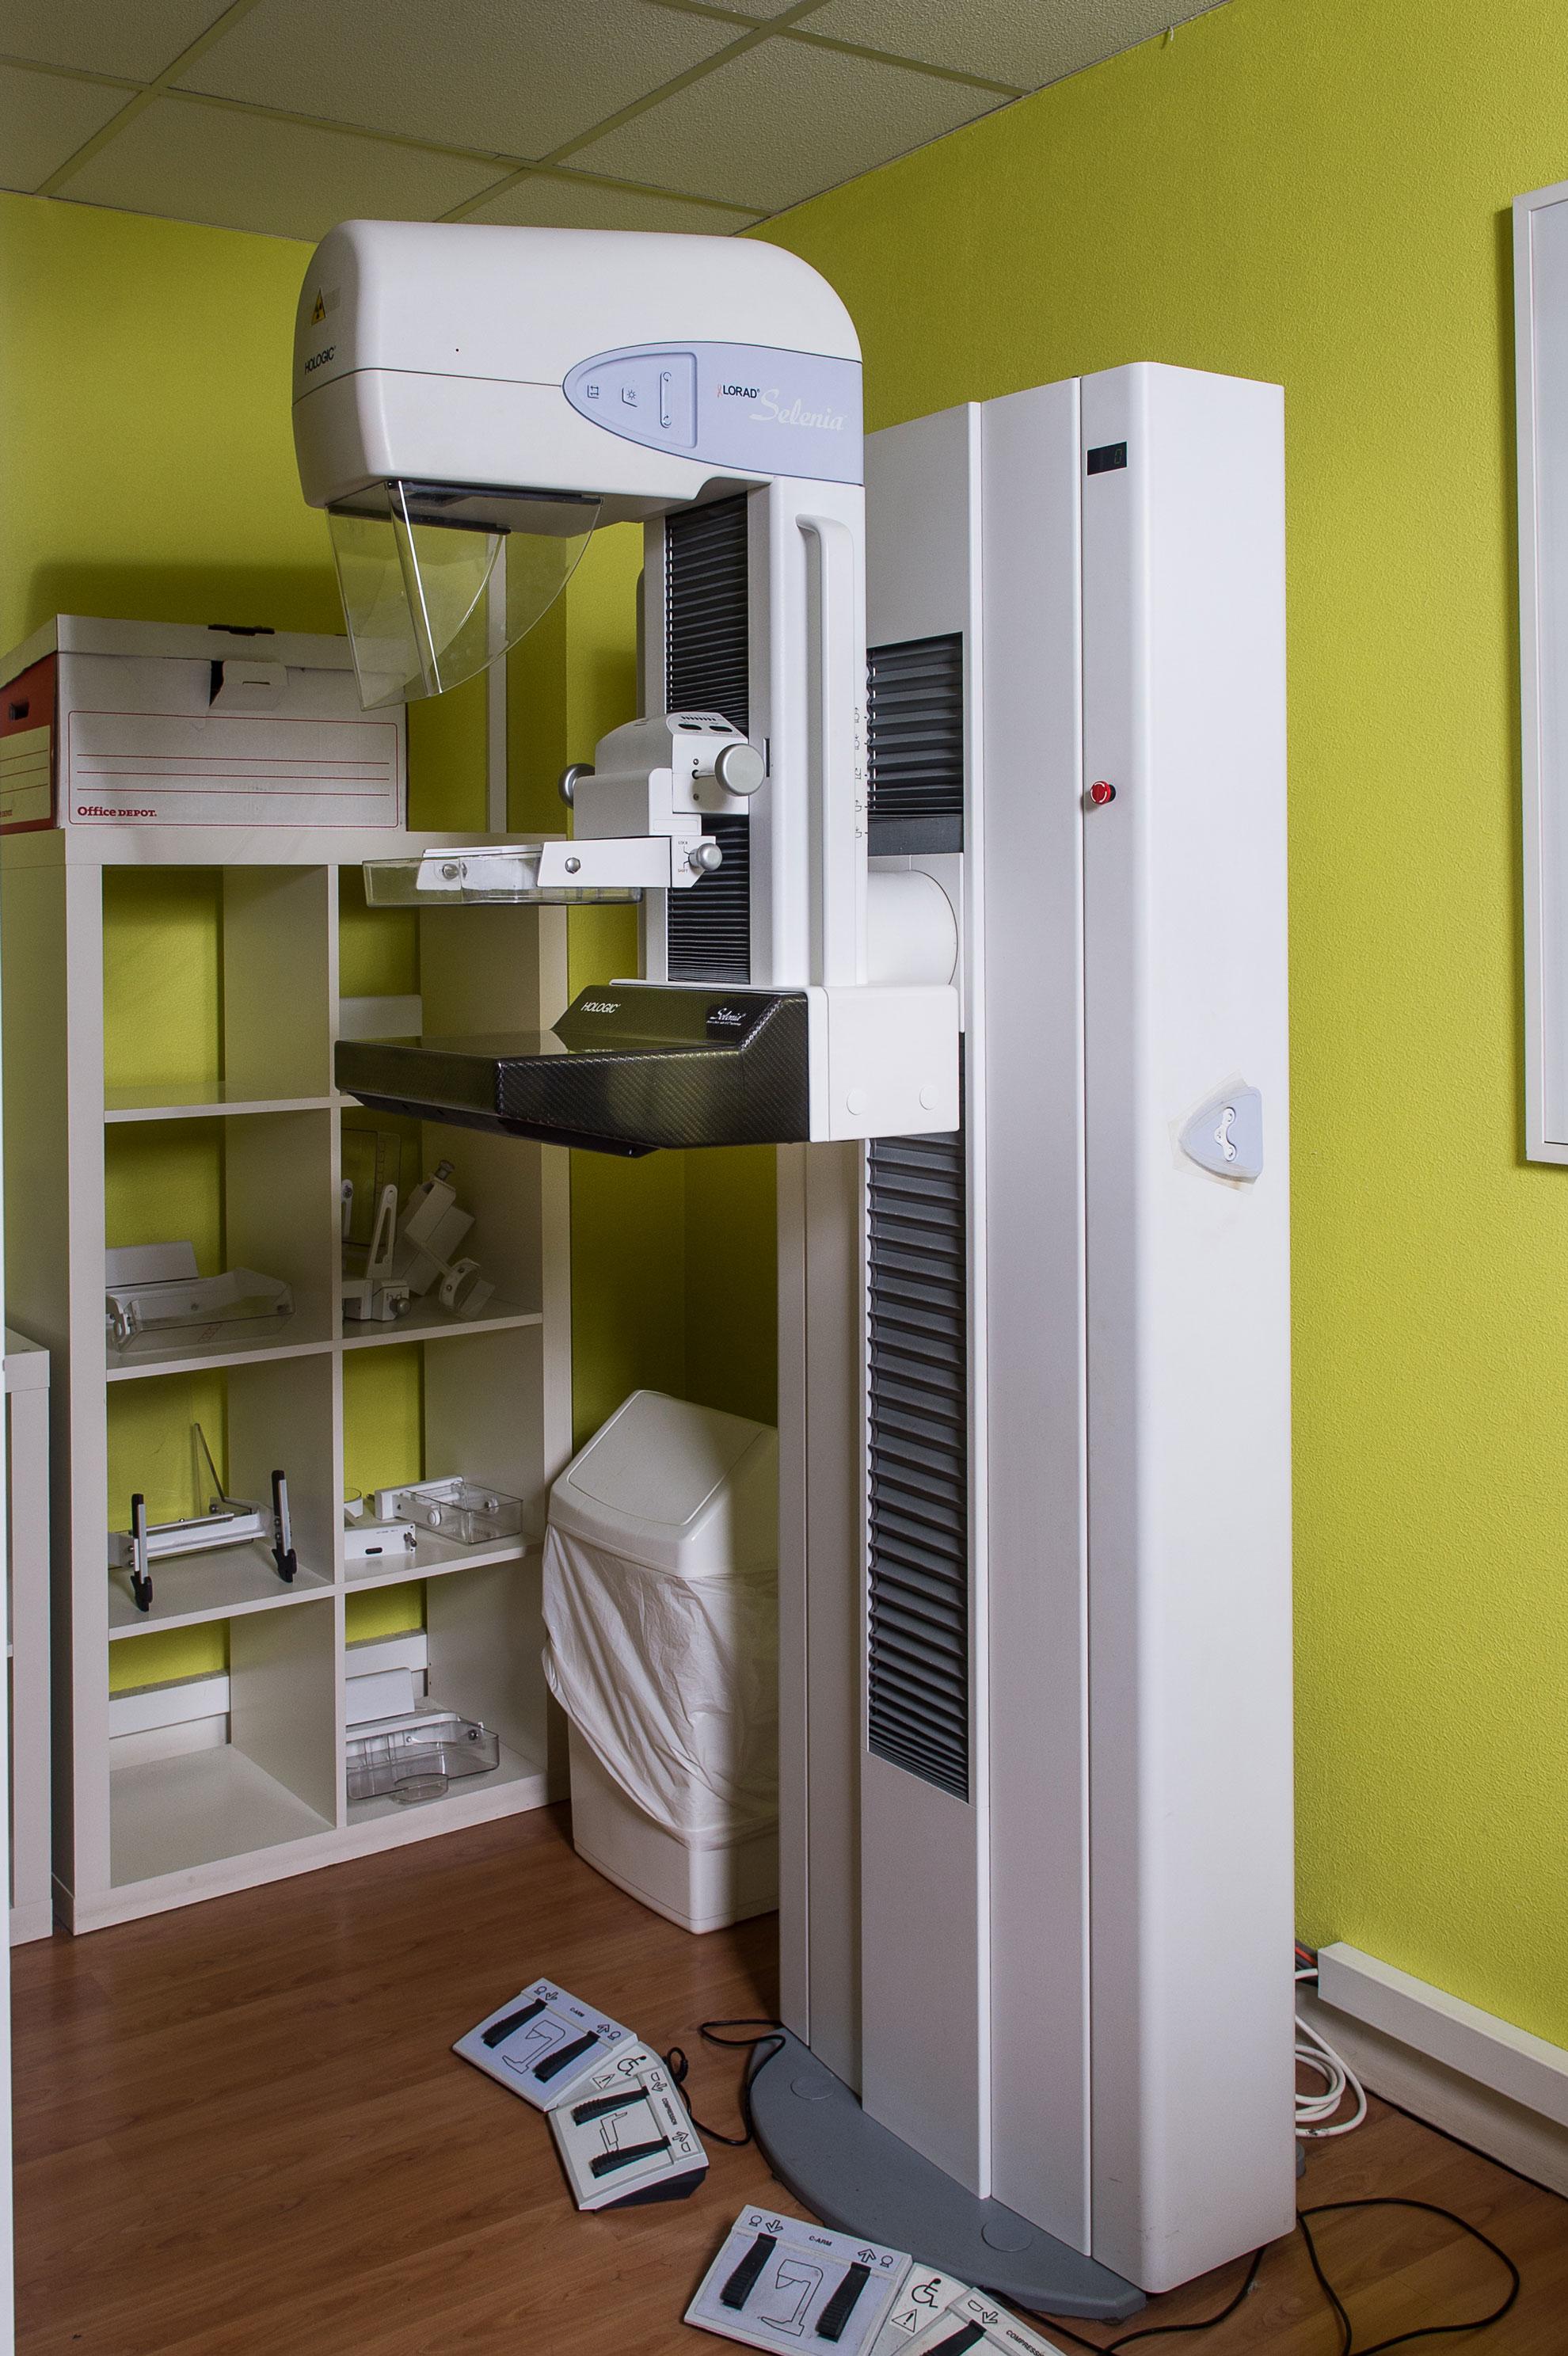 Imagerie Mdicale En Bretagne Radiologie Frville